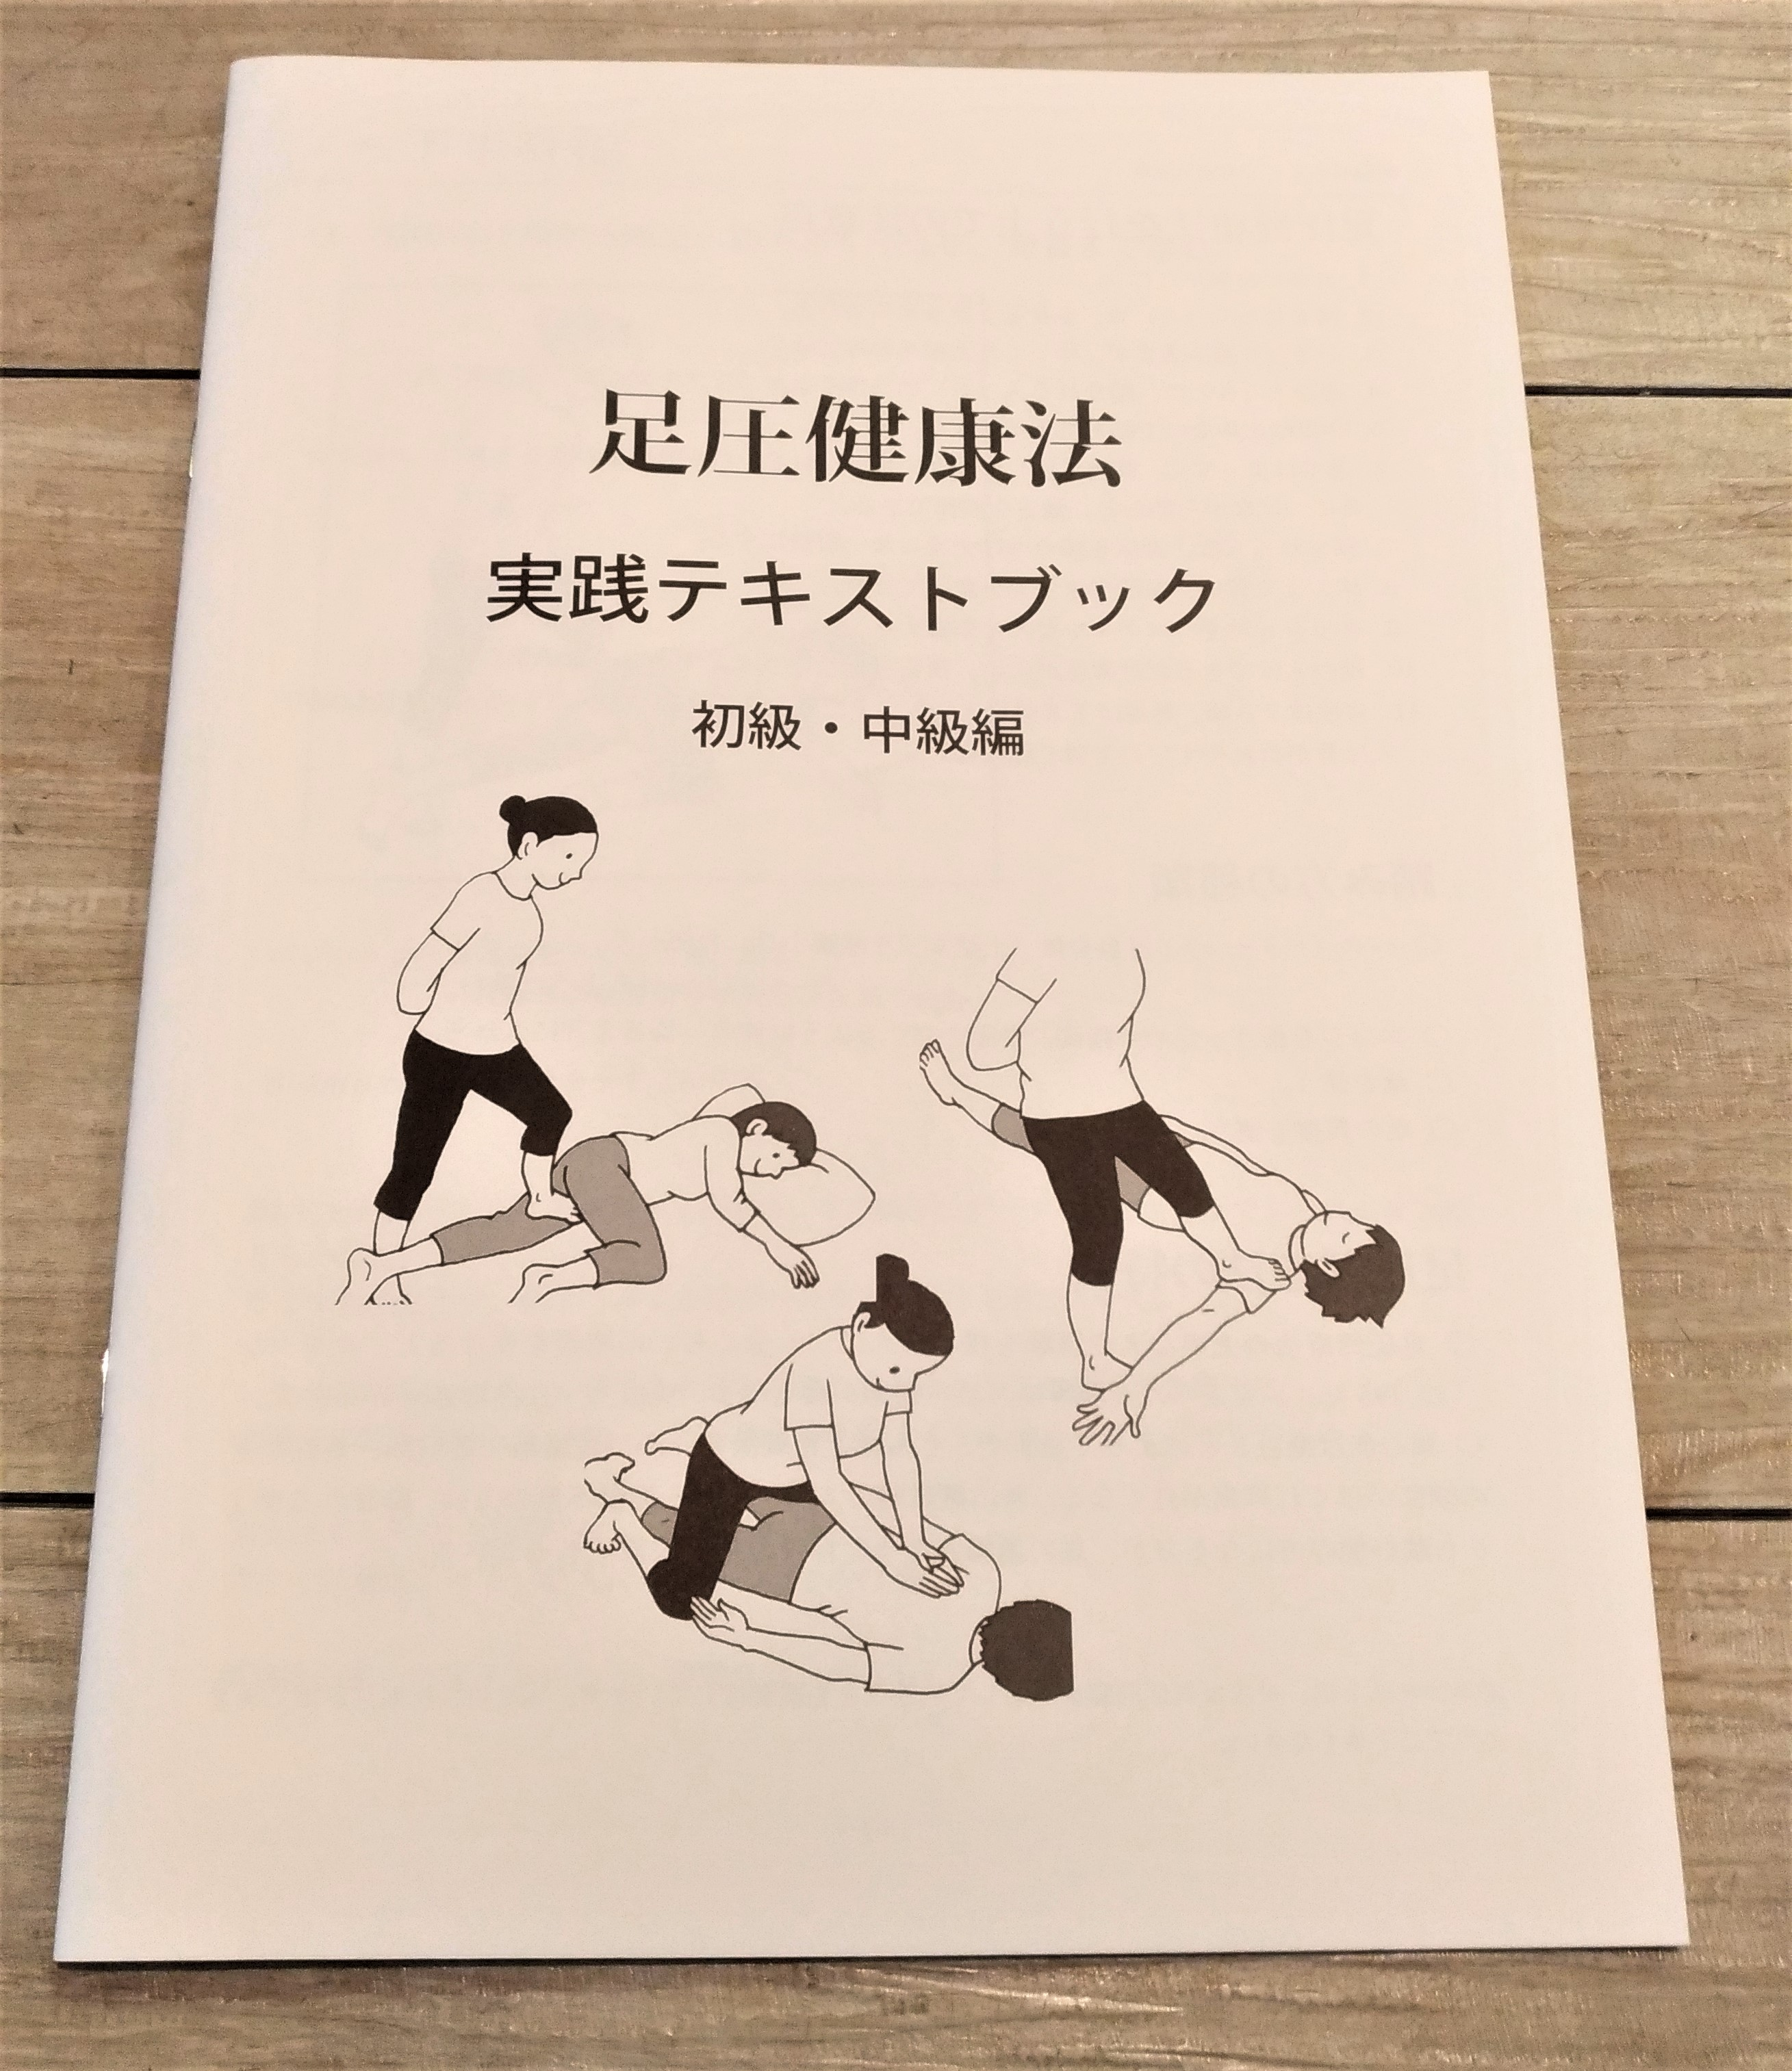 足圧健康法 実践テキストブック 初級・中級編